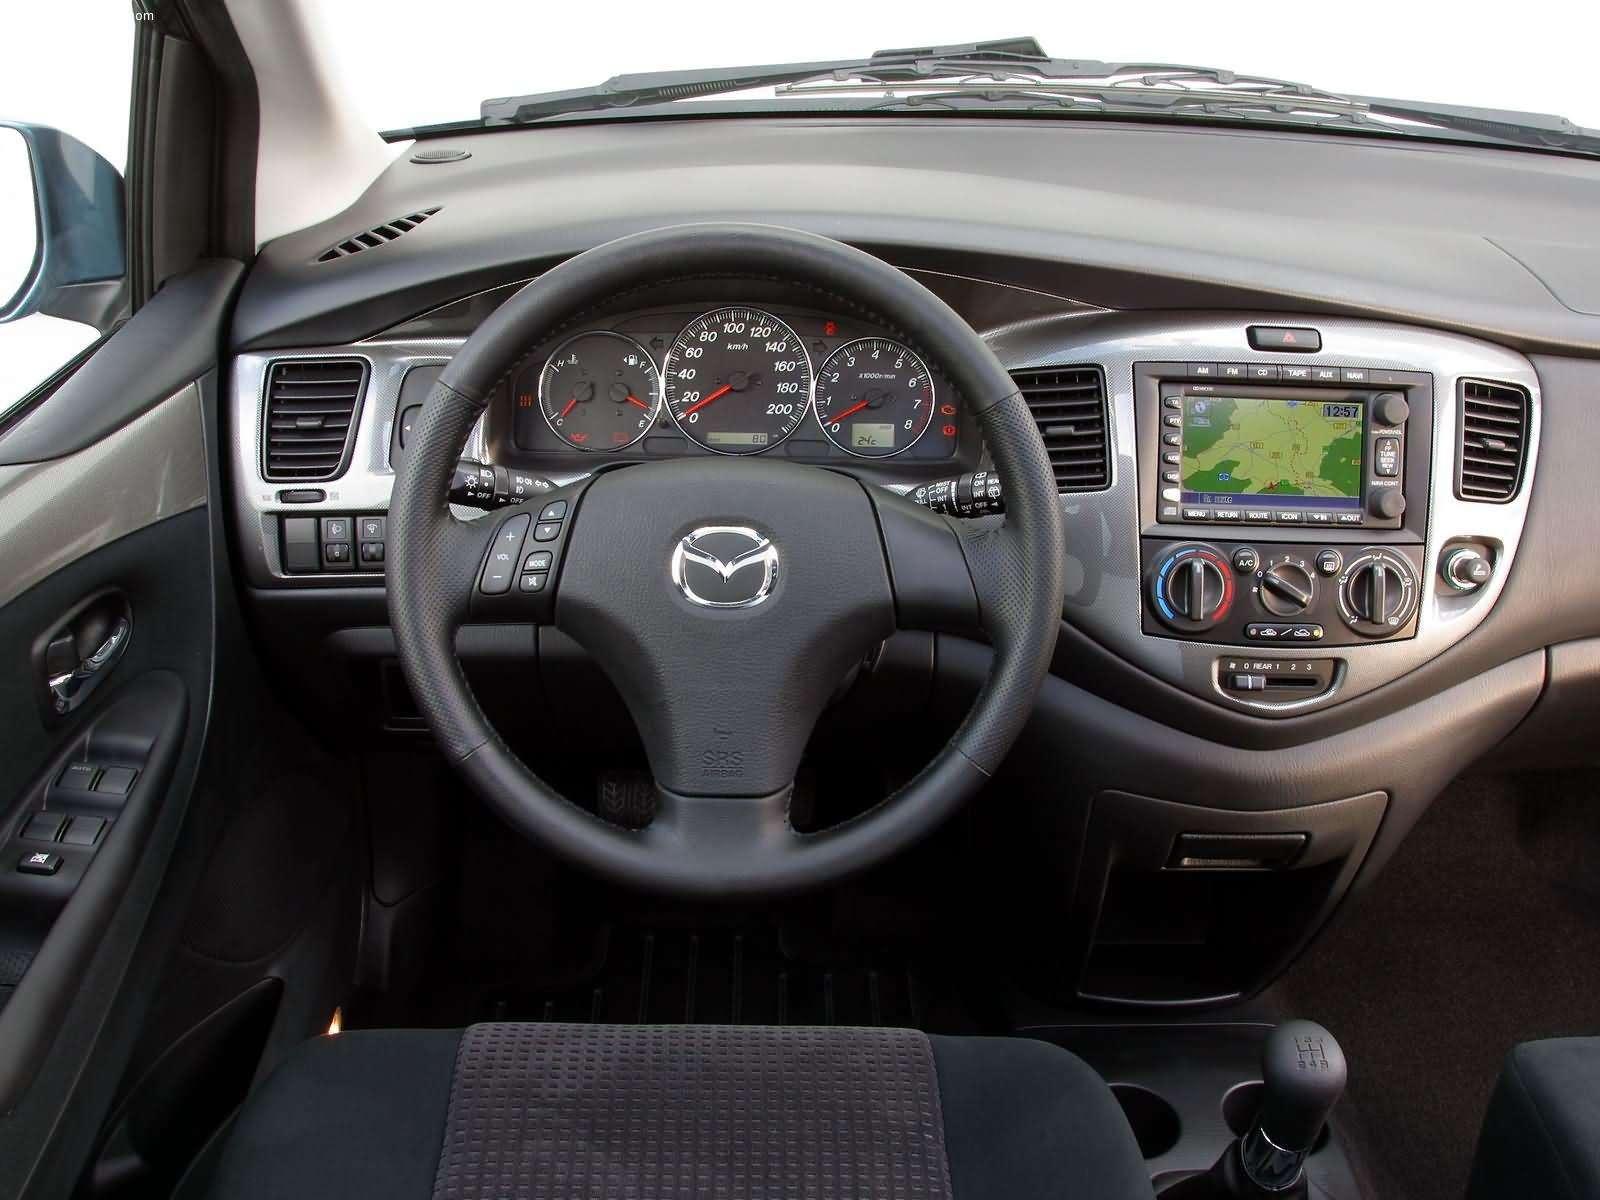 Mazda Mpv Picture 34678 Mazda Photo Gallery